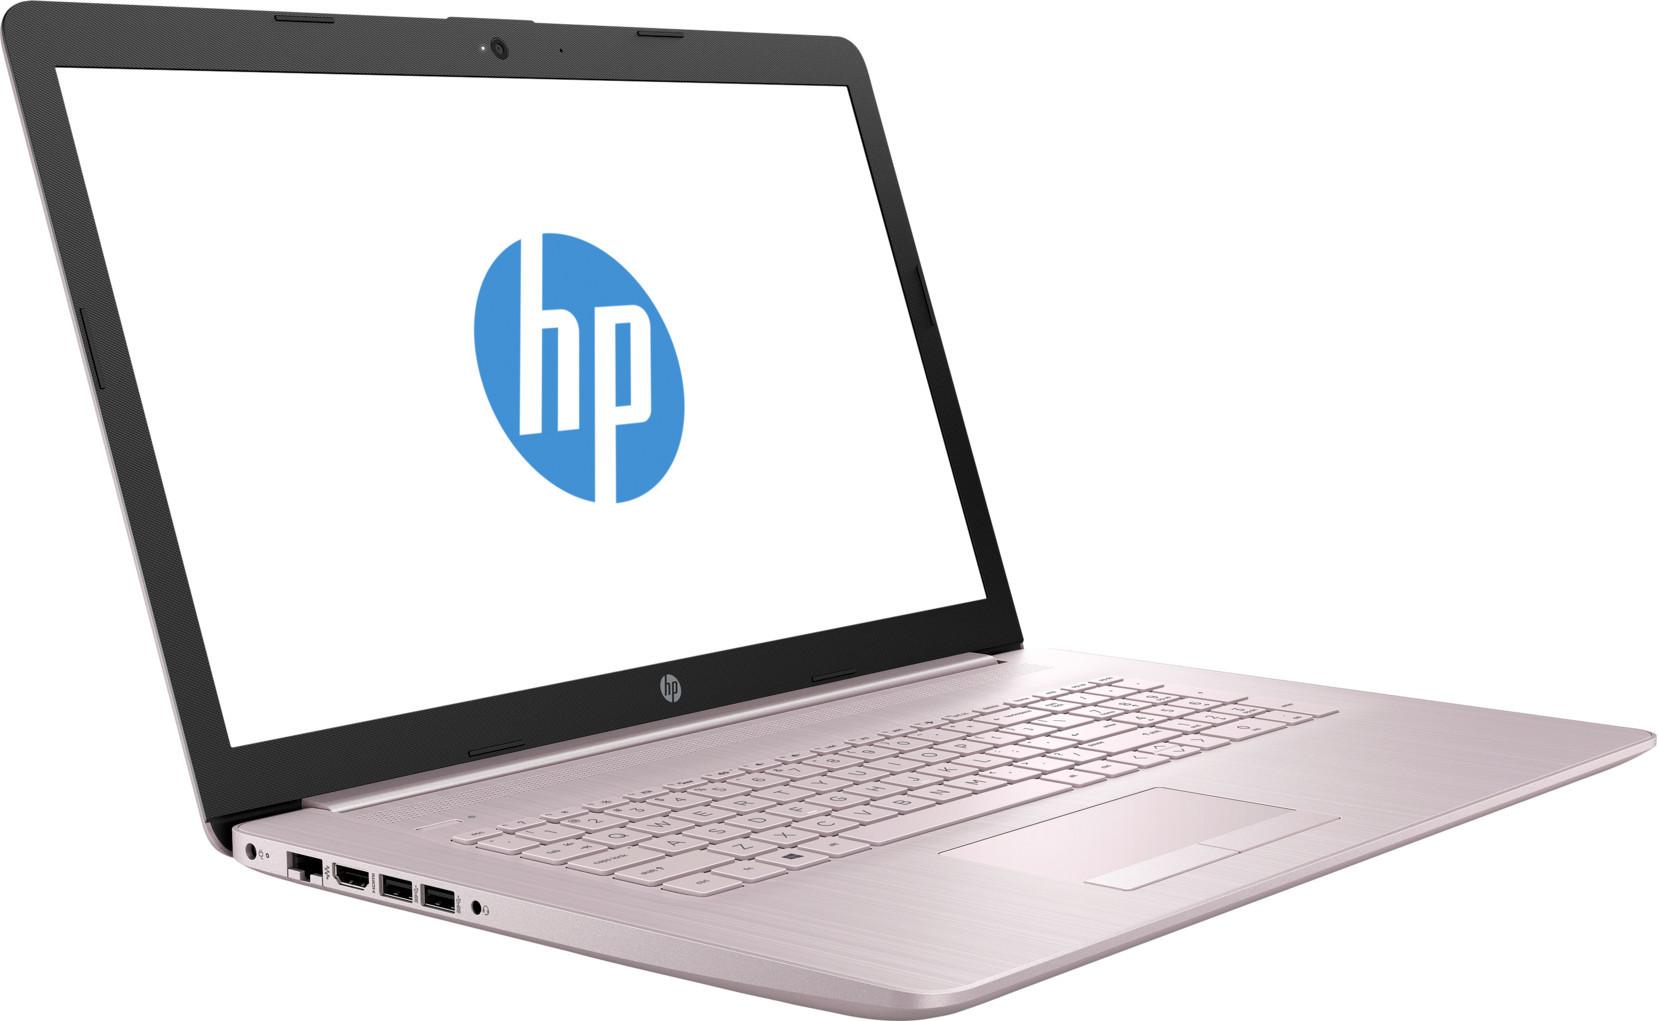 """HP 17-by0010cy 17.3"""" Laptop i3-8130U 8GB 1TB HDD W10H, Refurbished"""